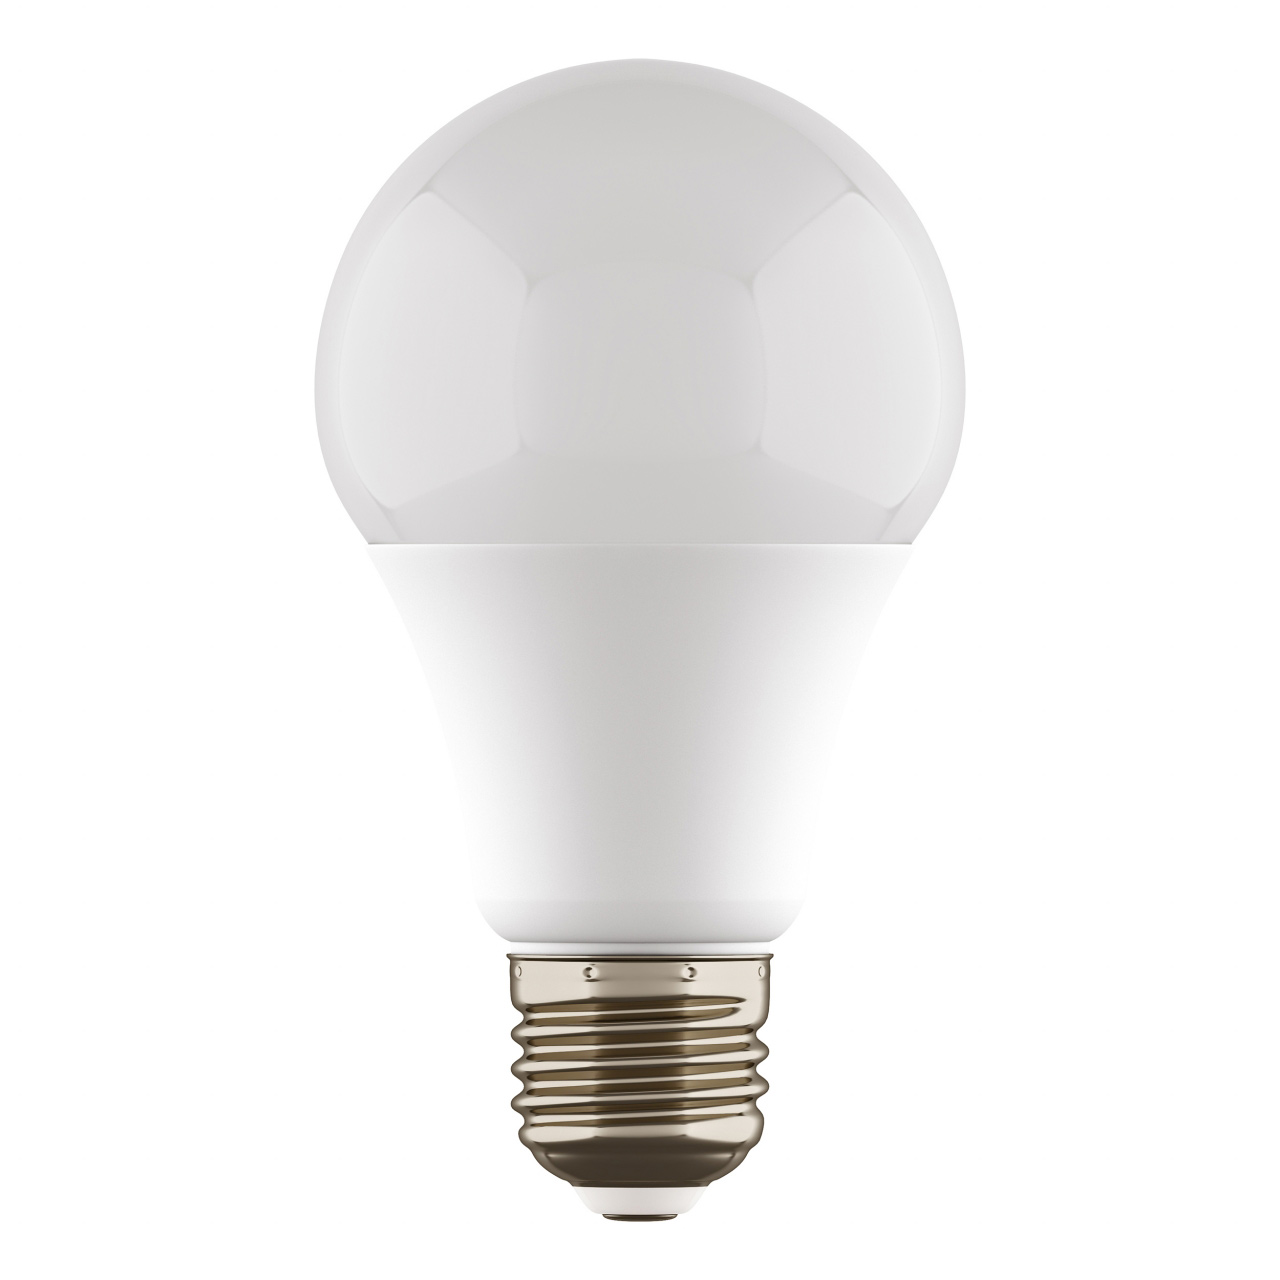 Лампа LED 220V A19 E27 6W=60W 500LM 360G 3000K DIMM Lightstar 940012